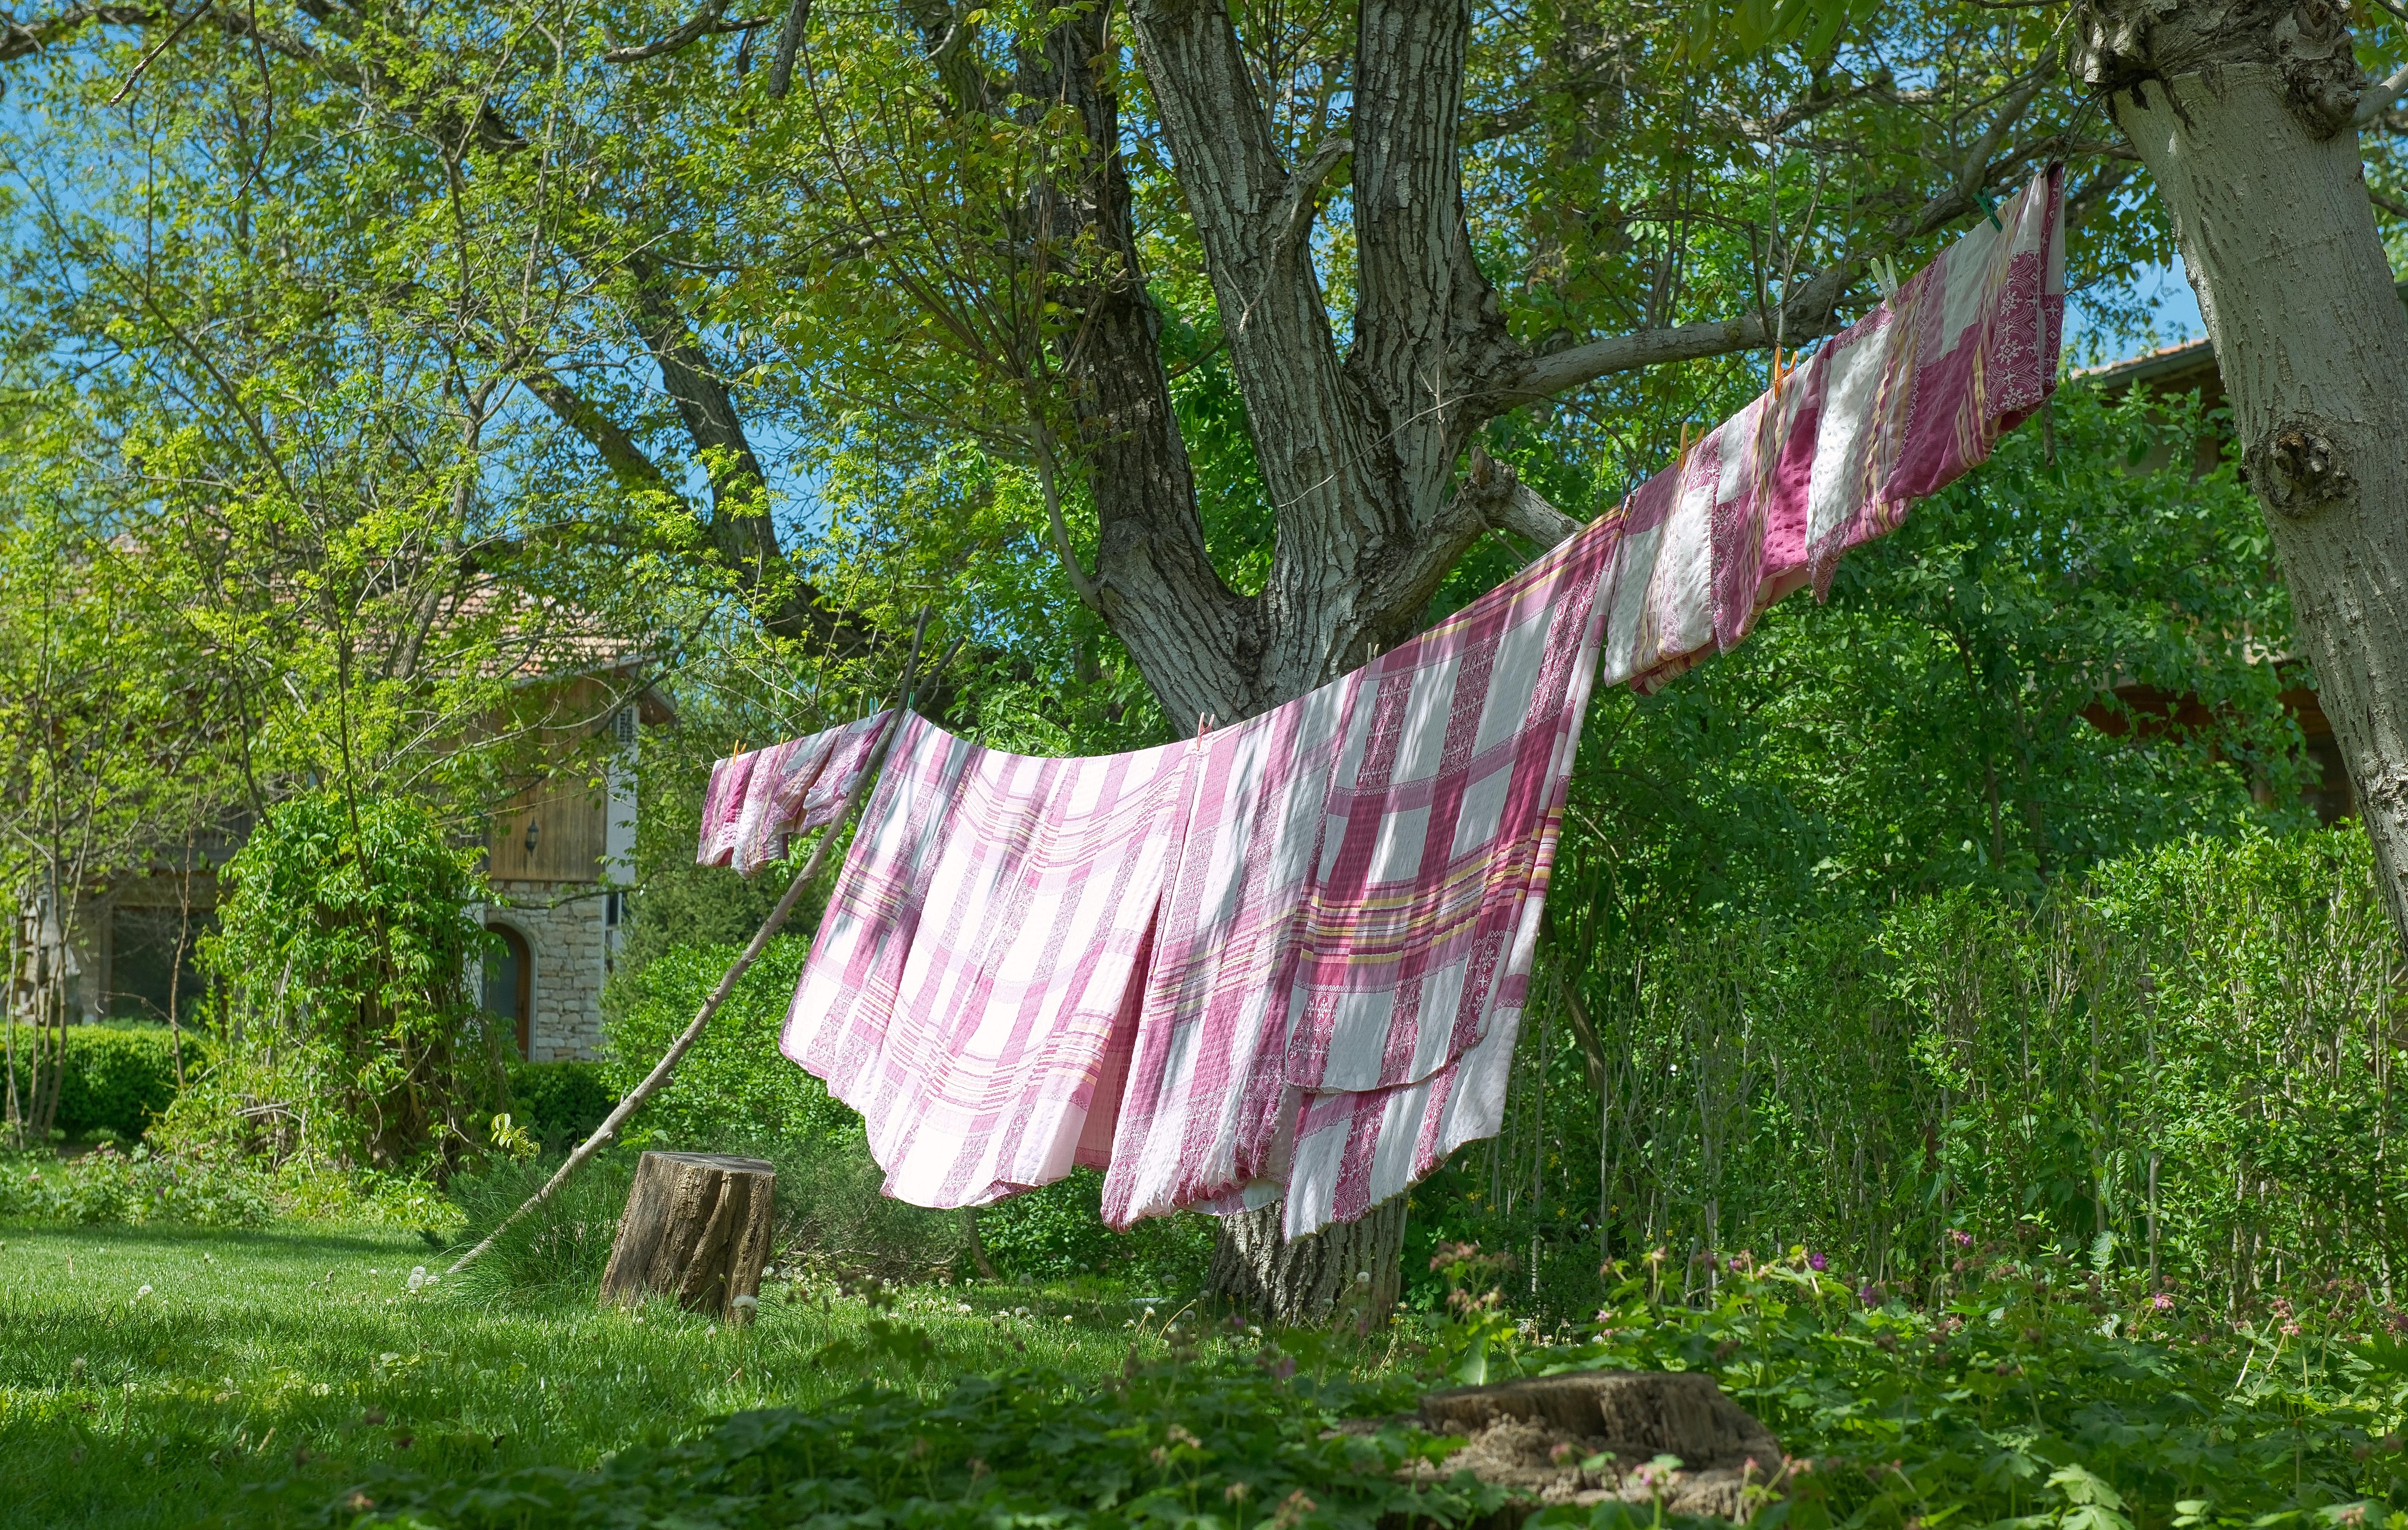 sušení prádla na šňůře mezi stromy